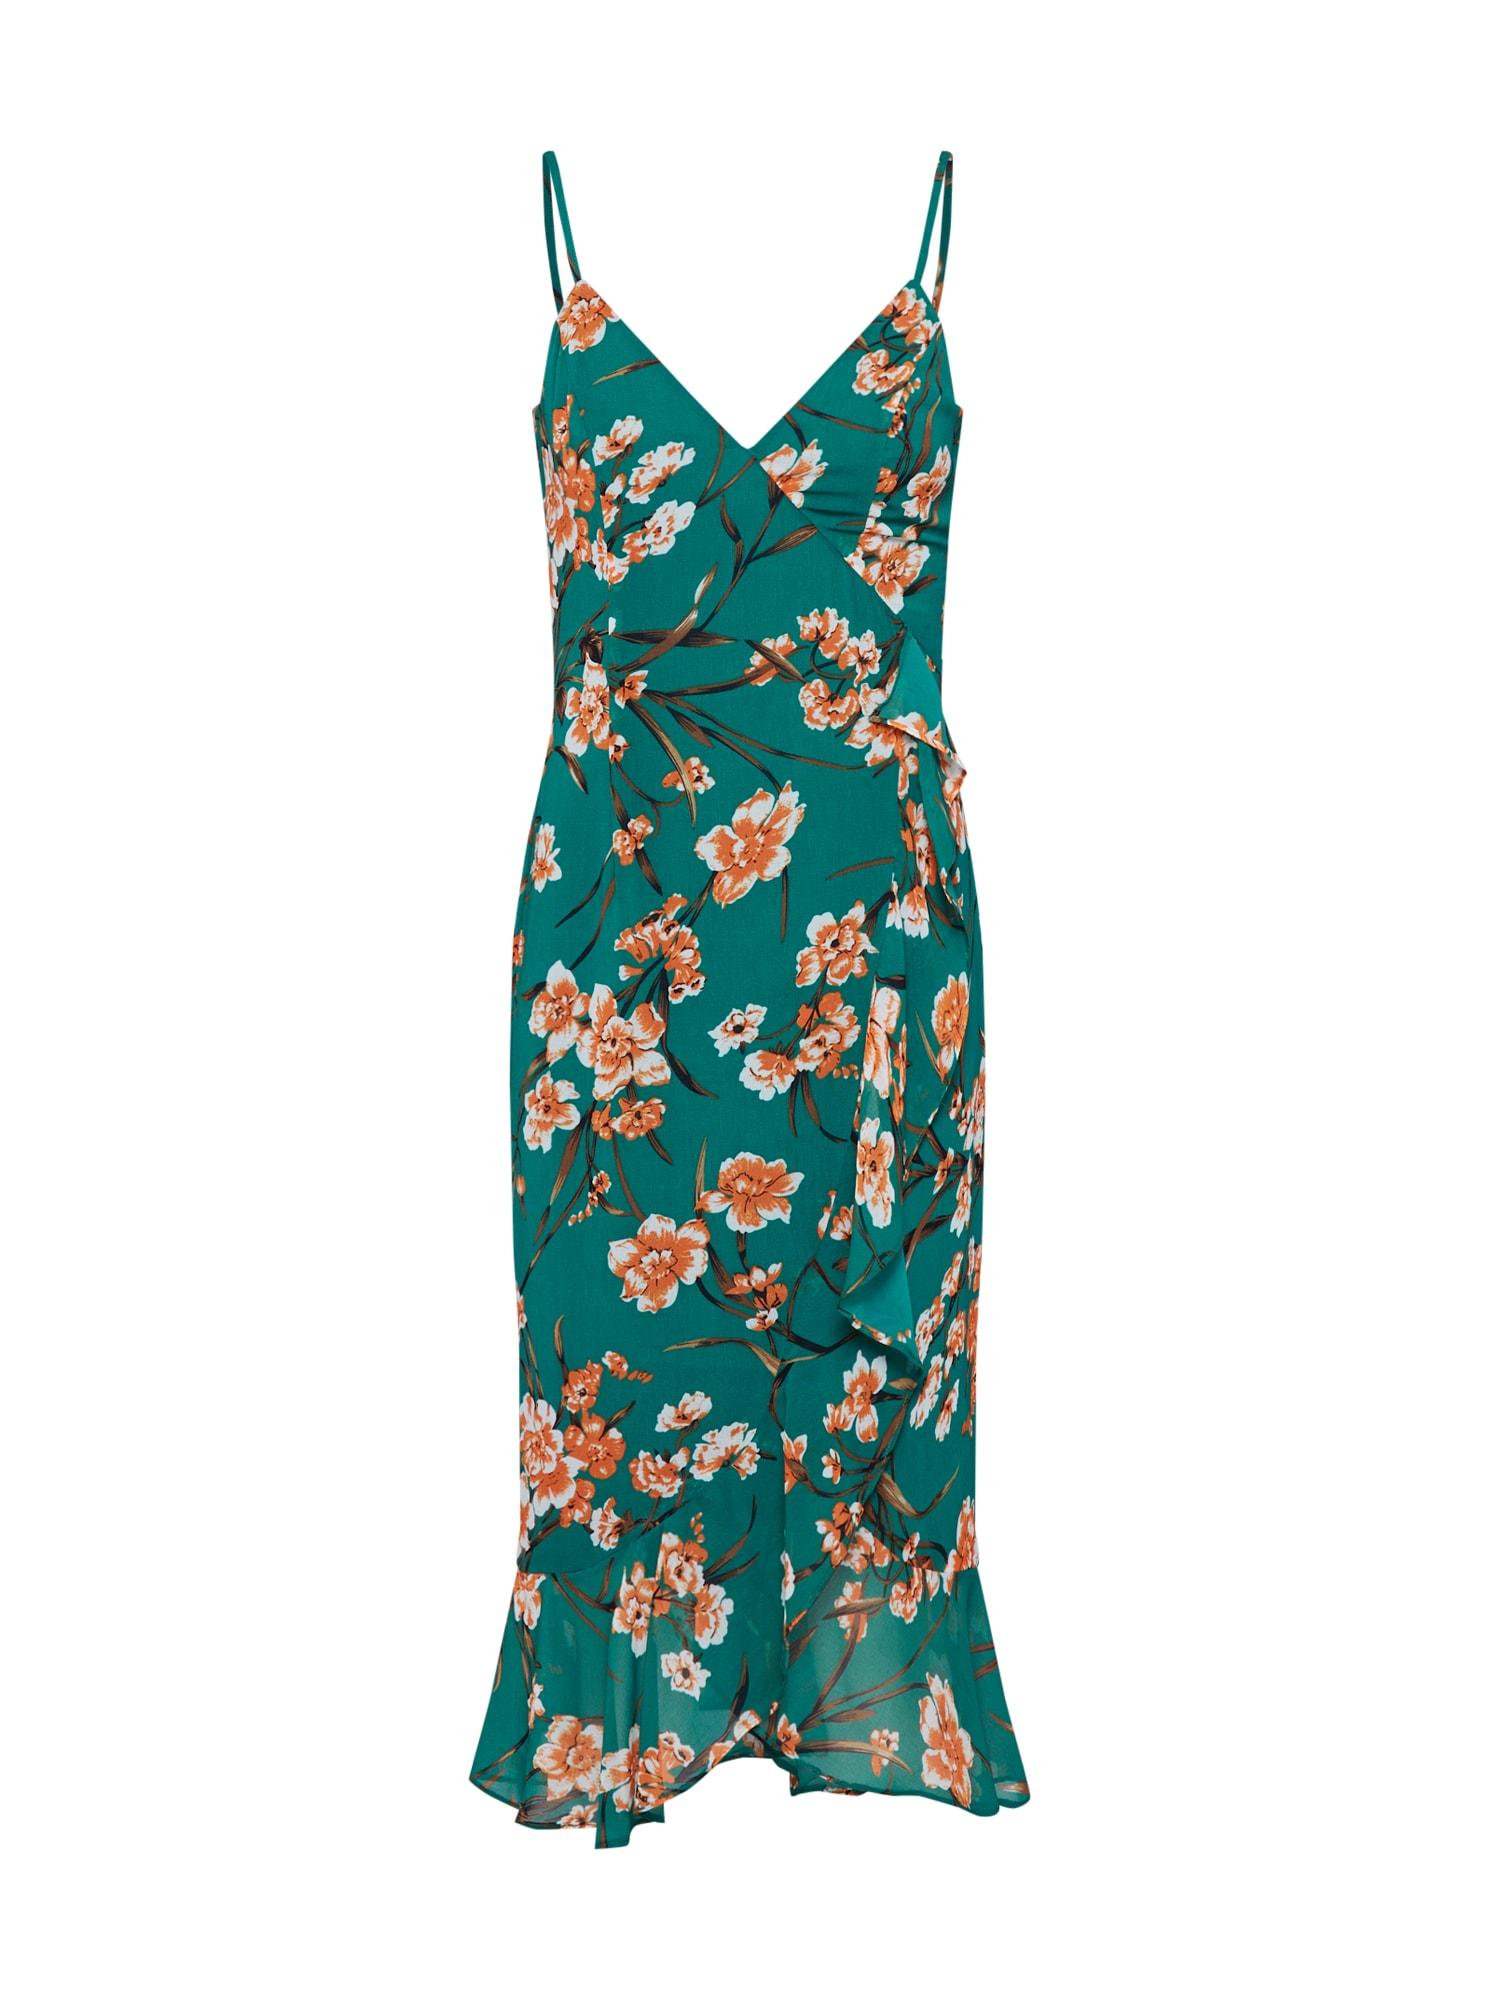 Letní šaty MALIKA FLORAL DRESS zelená Bardot